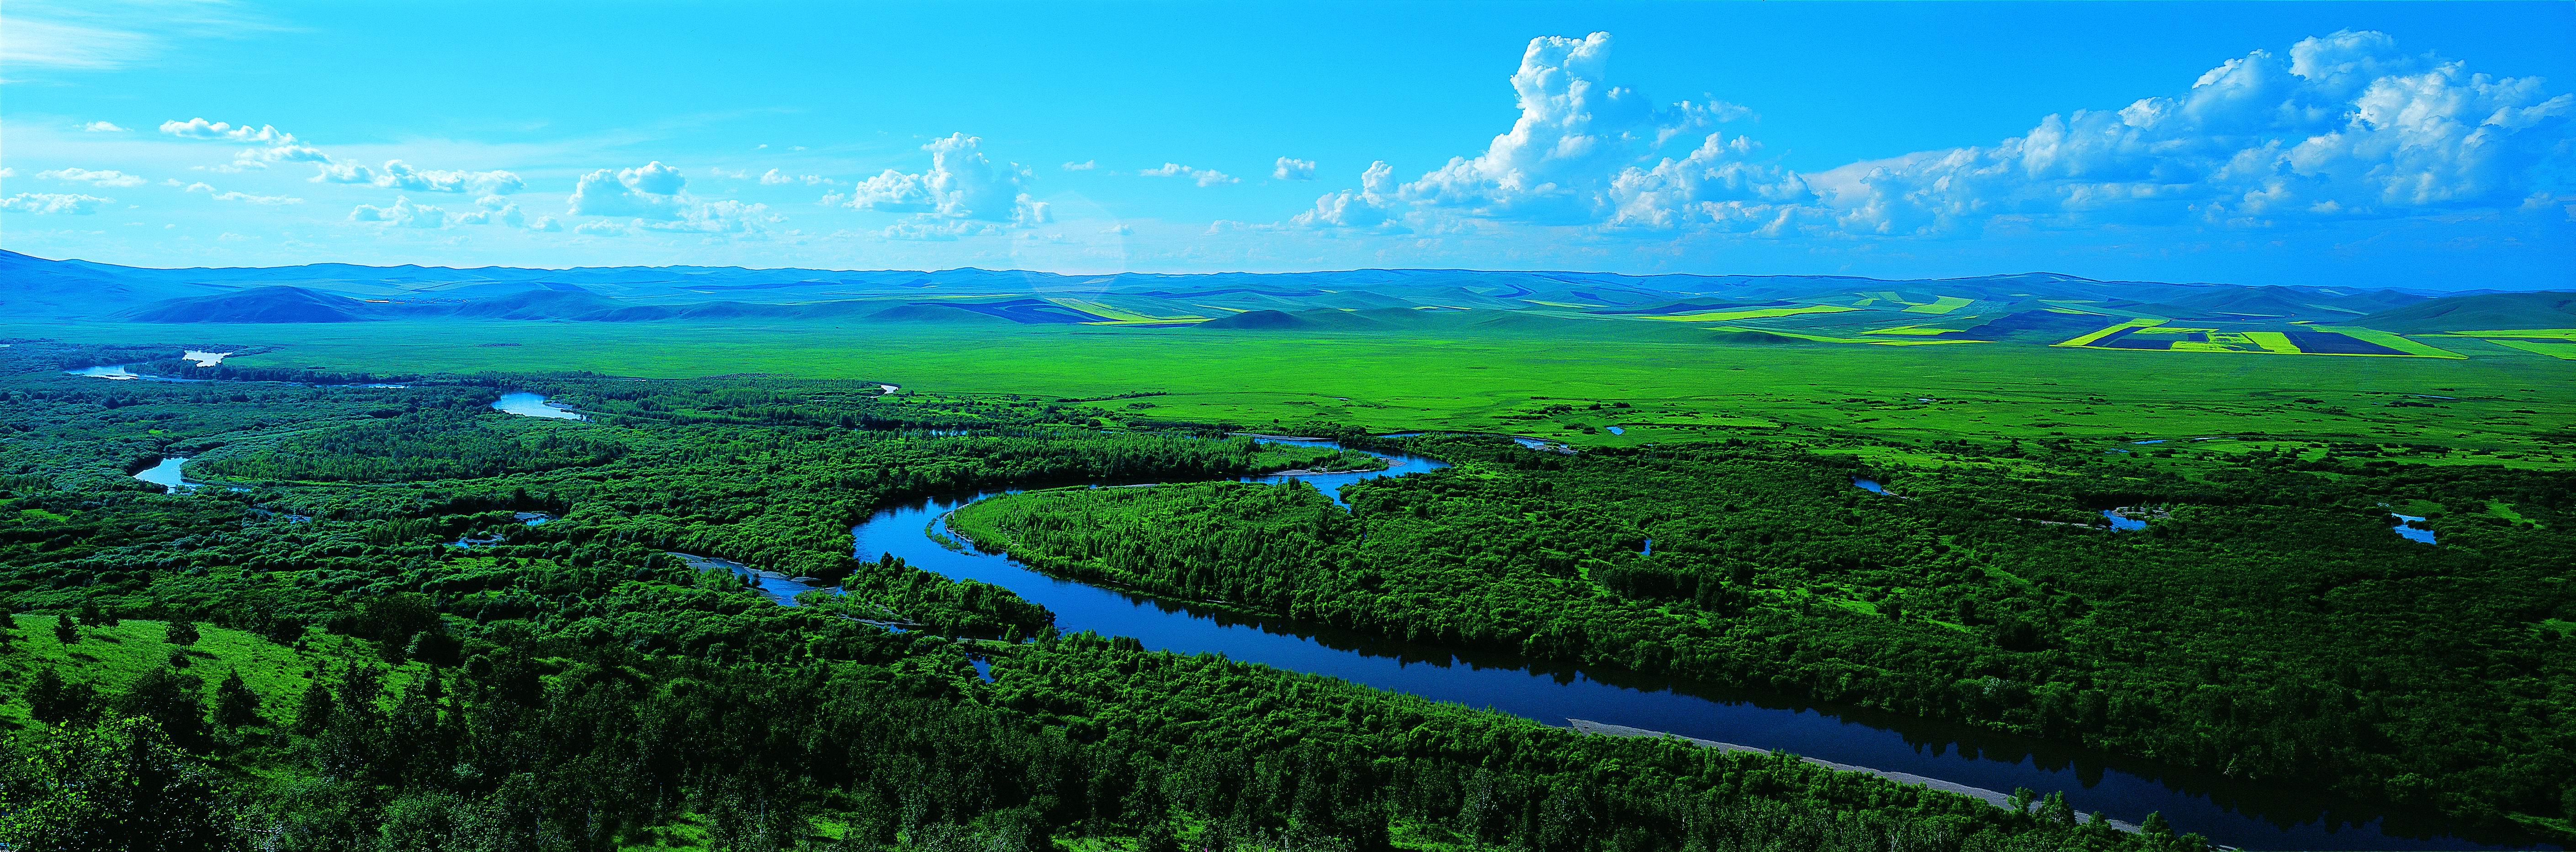 【额尔古纳湿地景区】图片